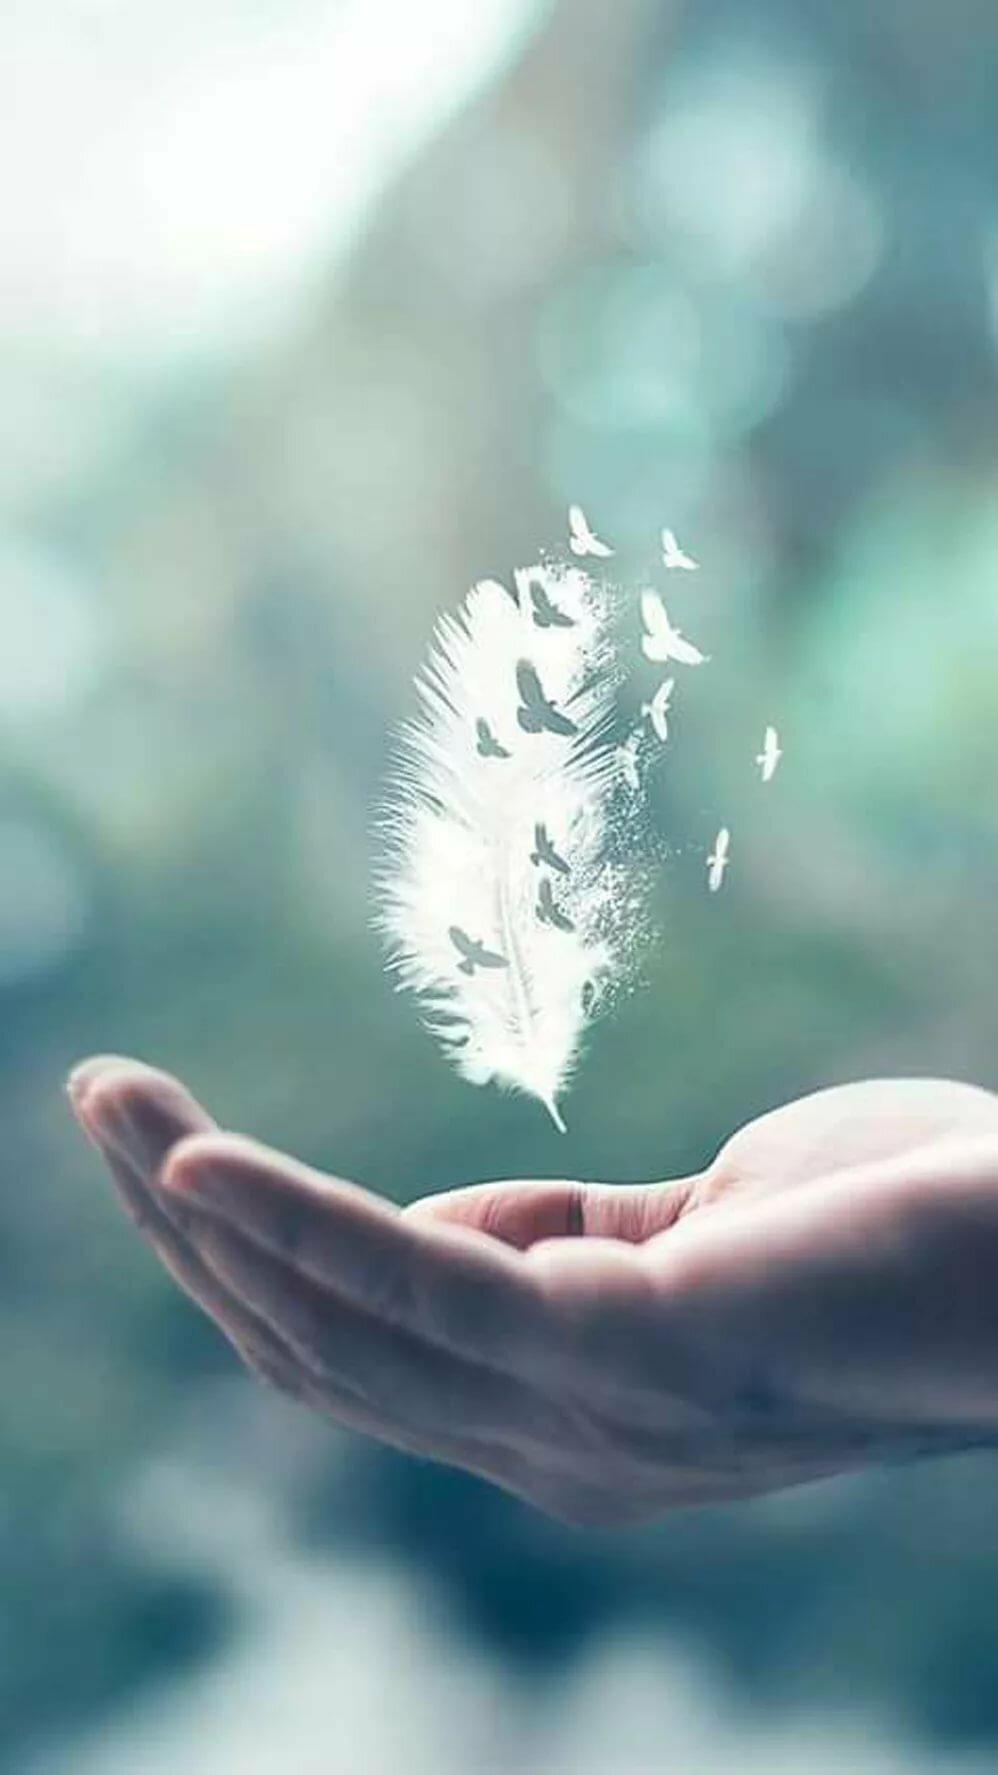 Открытки доброты в душе хранишь немного